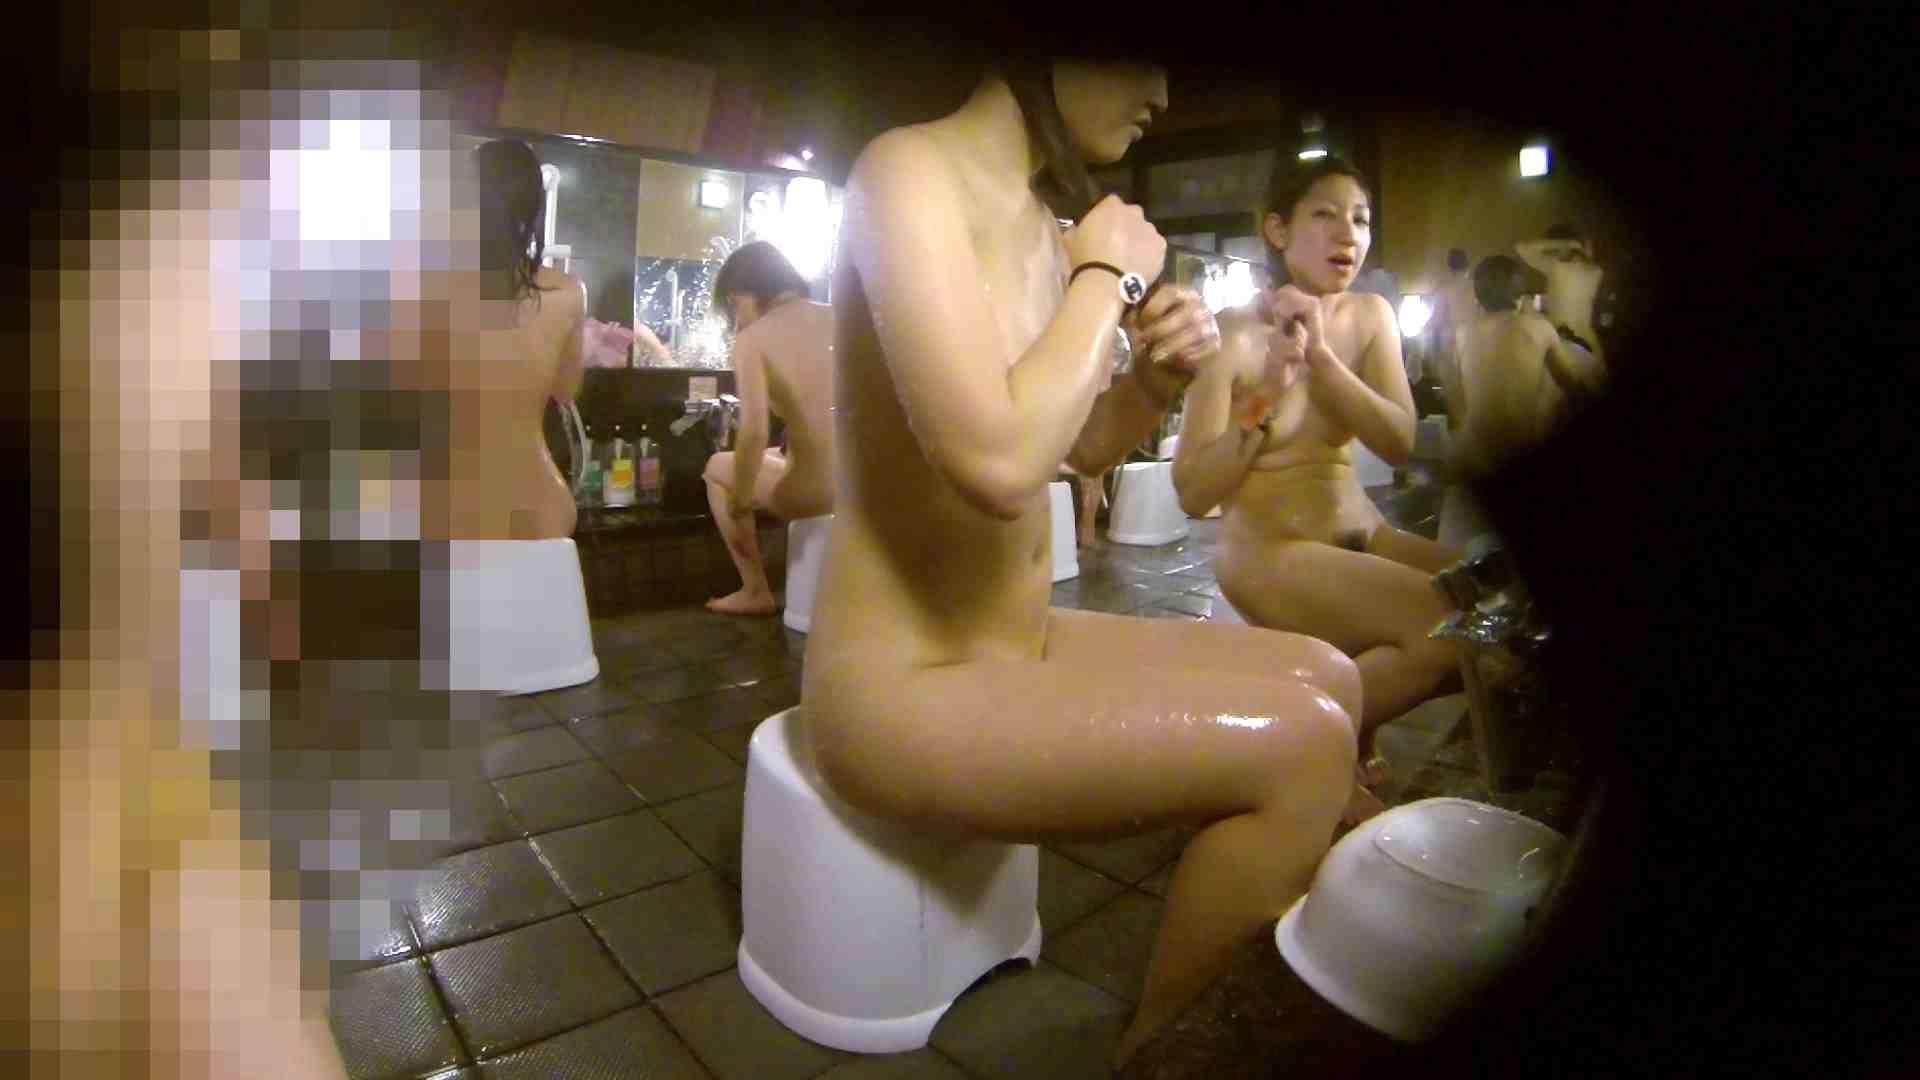 洗い場!ムッチリギャル2人組!ご飯だけでも一緒に行きたい 女湯のぞき AV無料 76枚 39